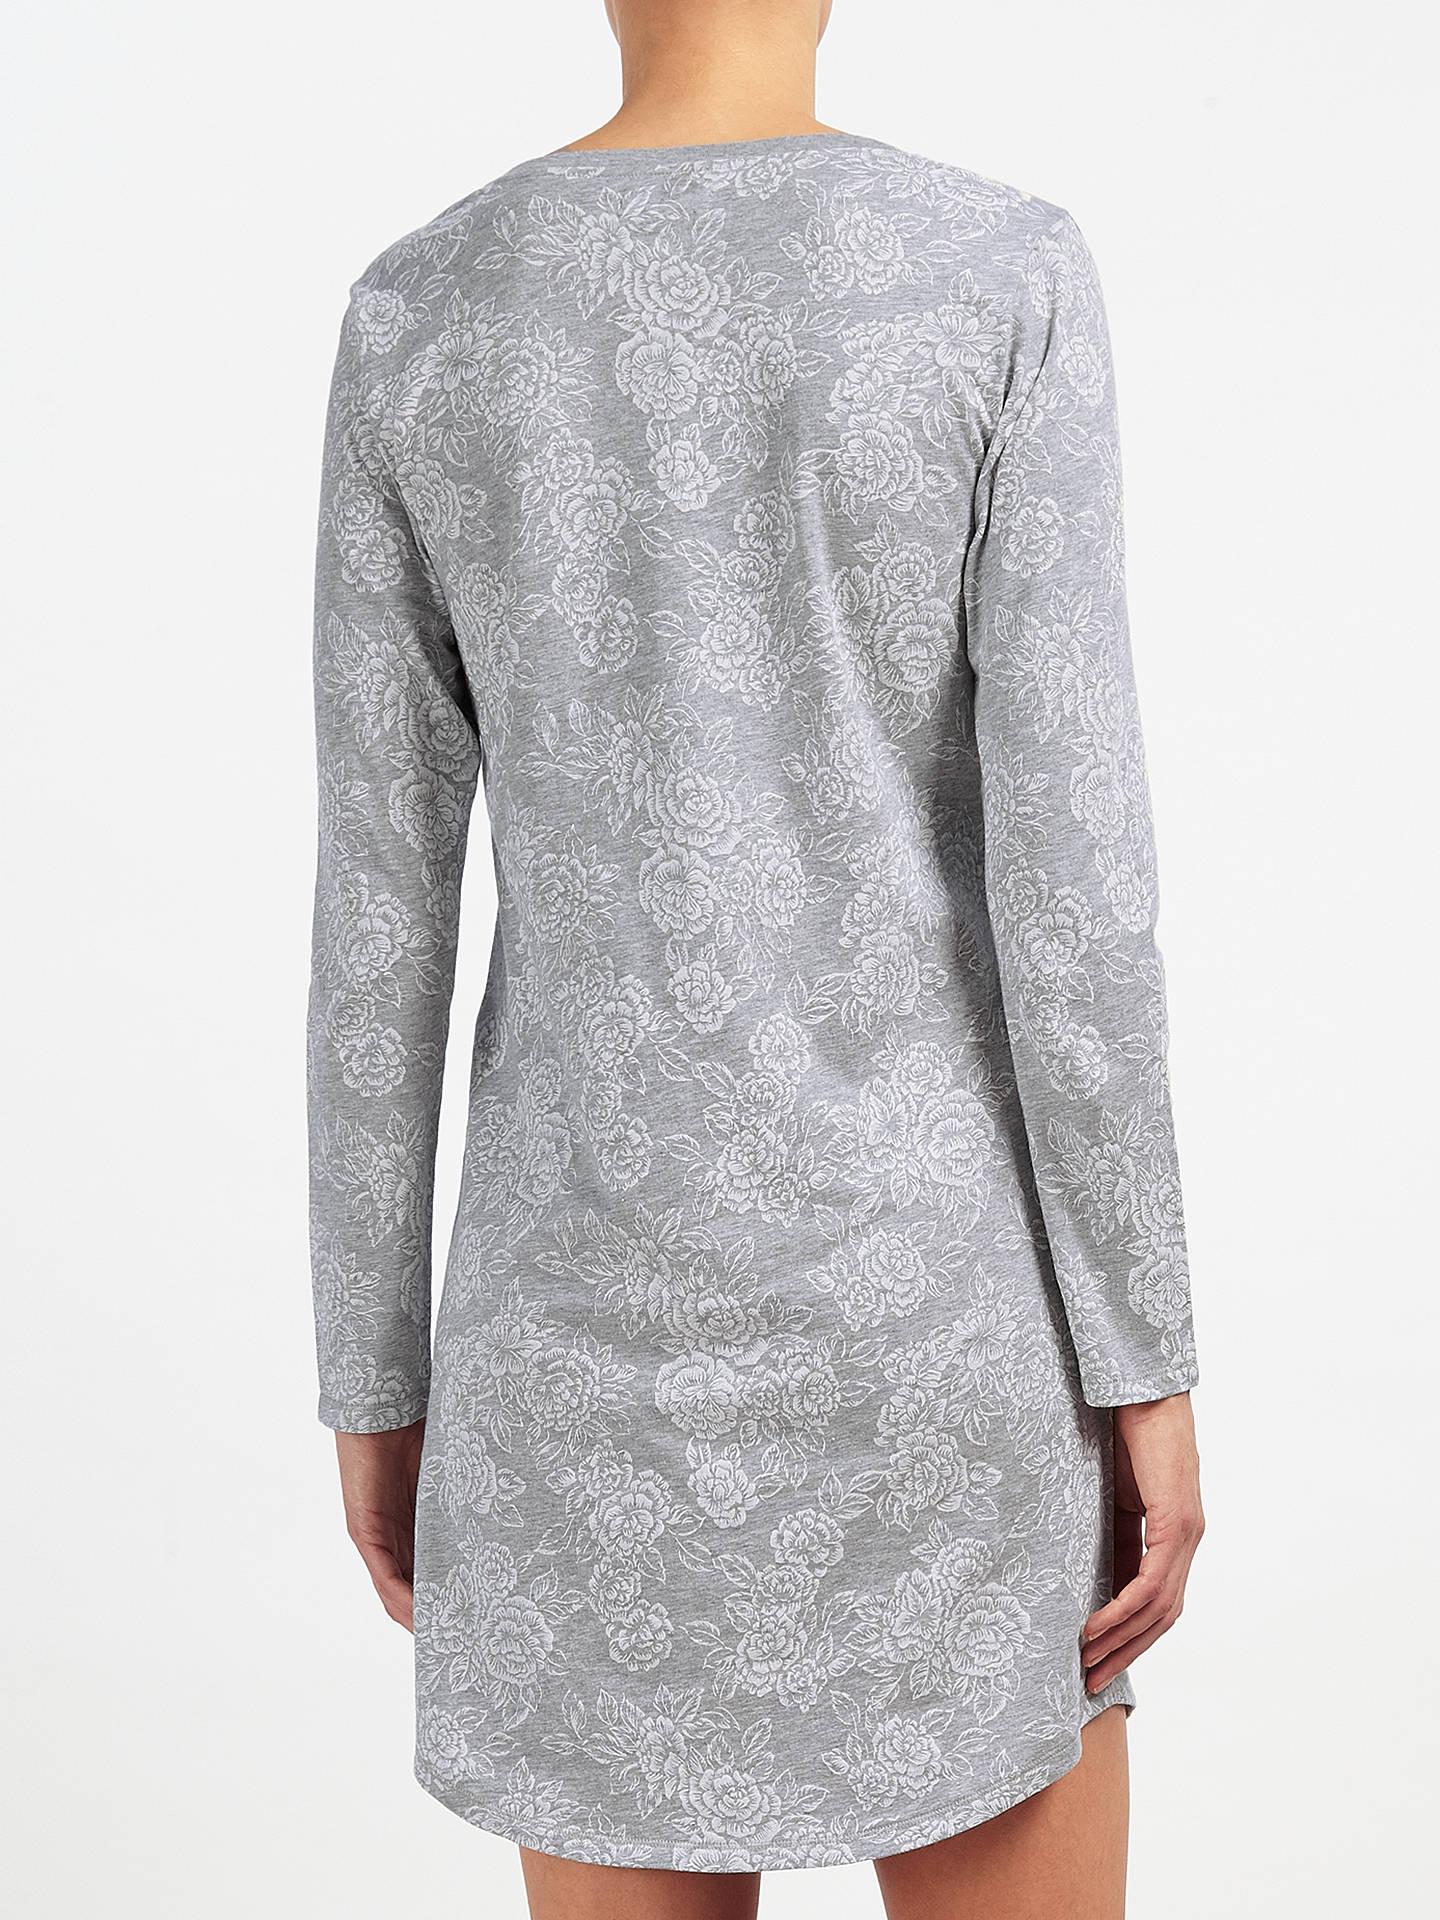 a2f56c9236 BuyJohn Lewis Rose Print Jersey Nightshirt